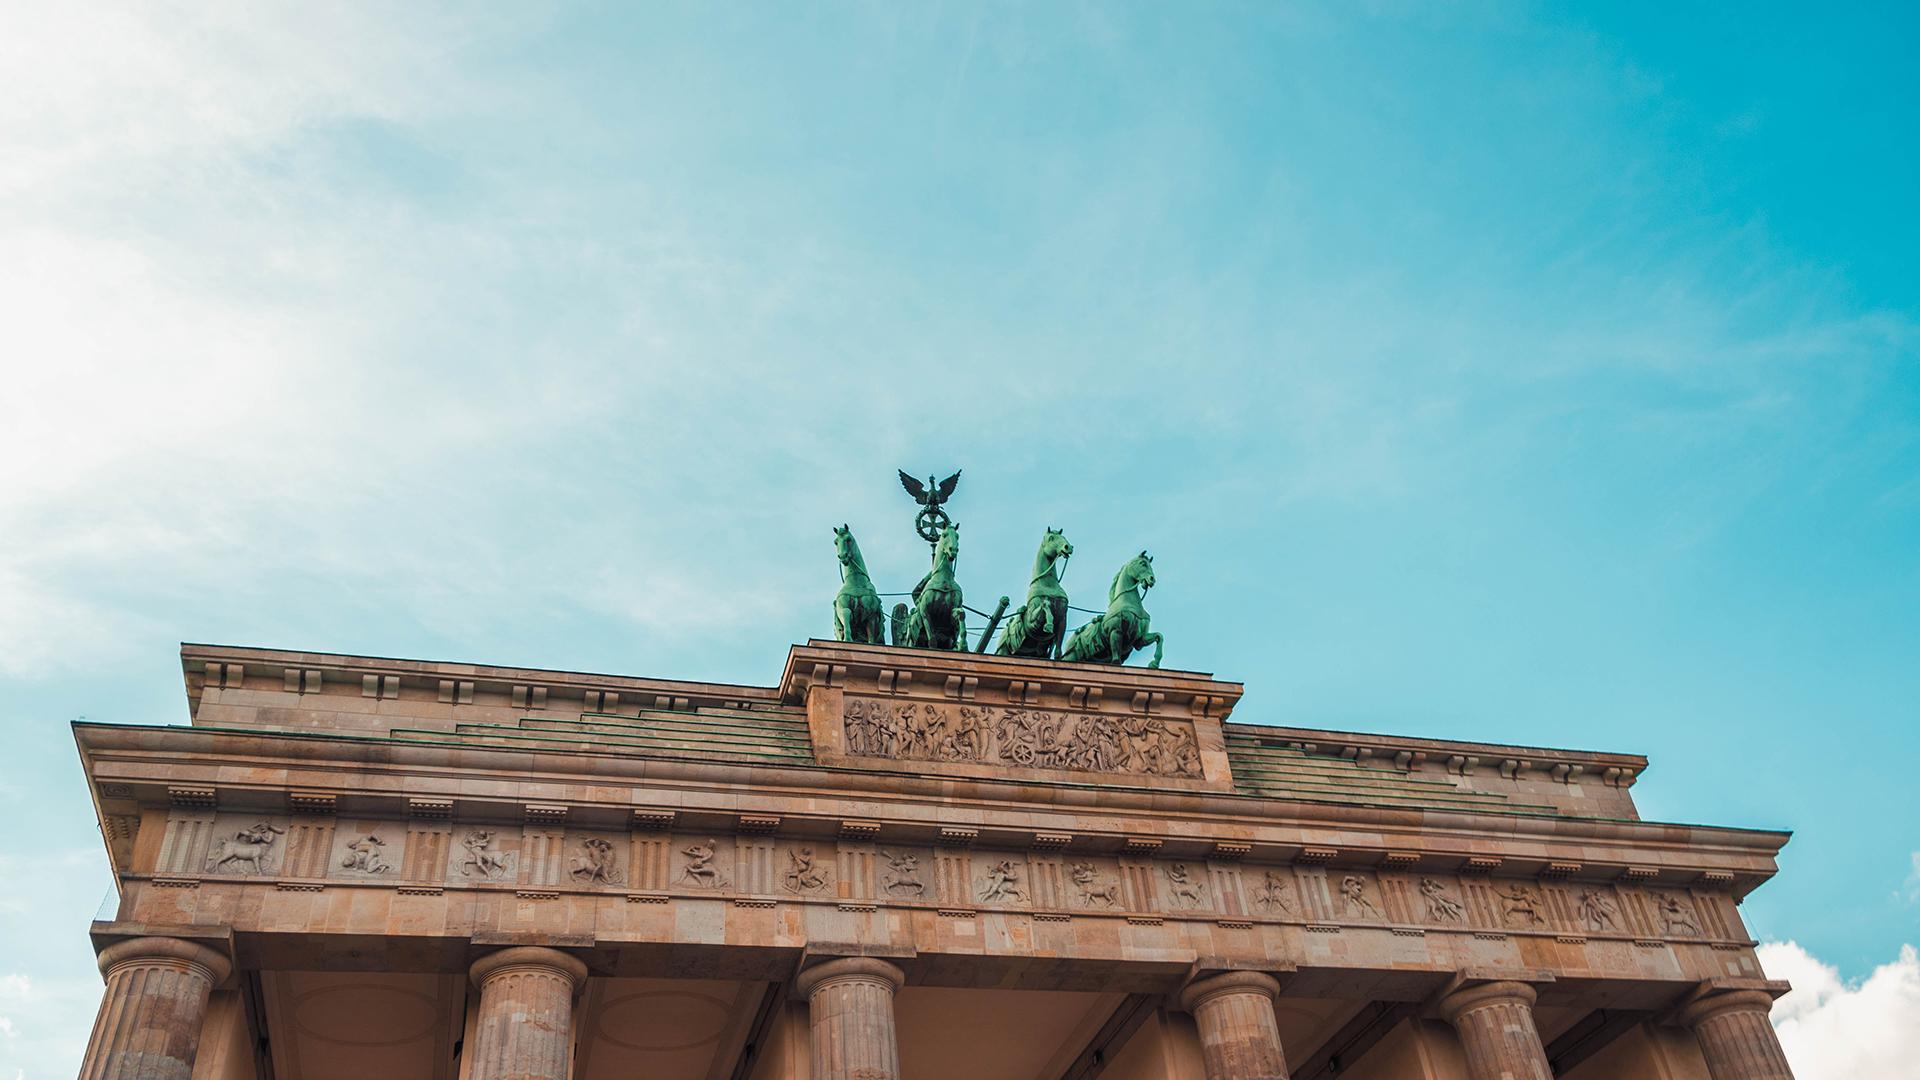 Δέκα πράγματα που πρέπει να δεις στο Βερολίνο